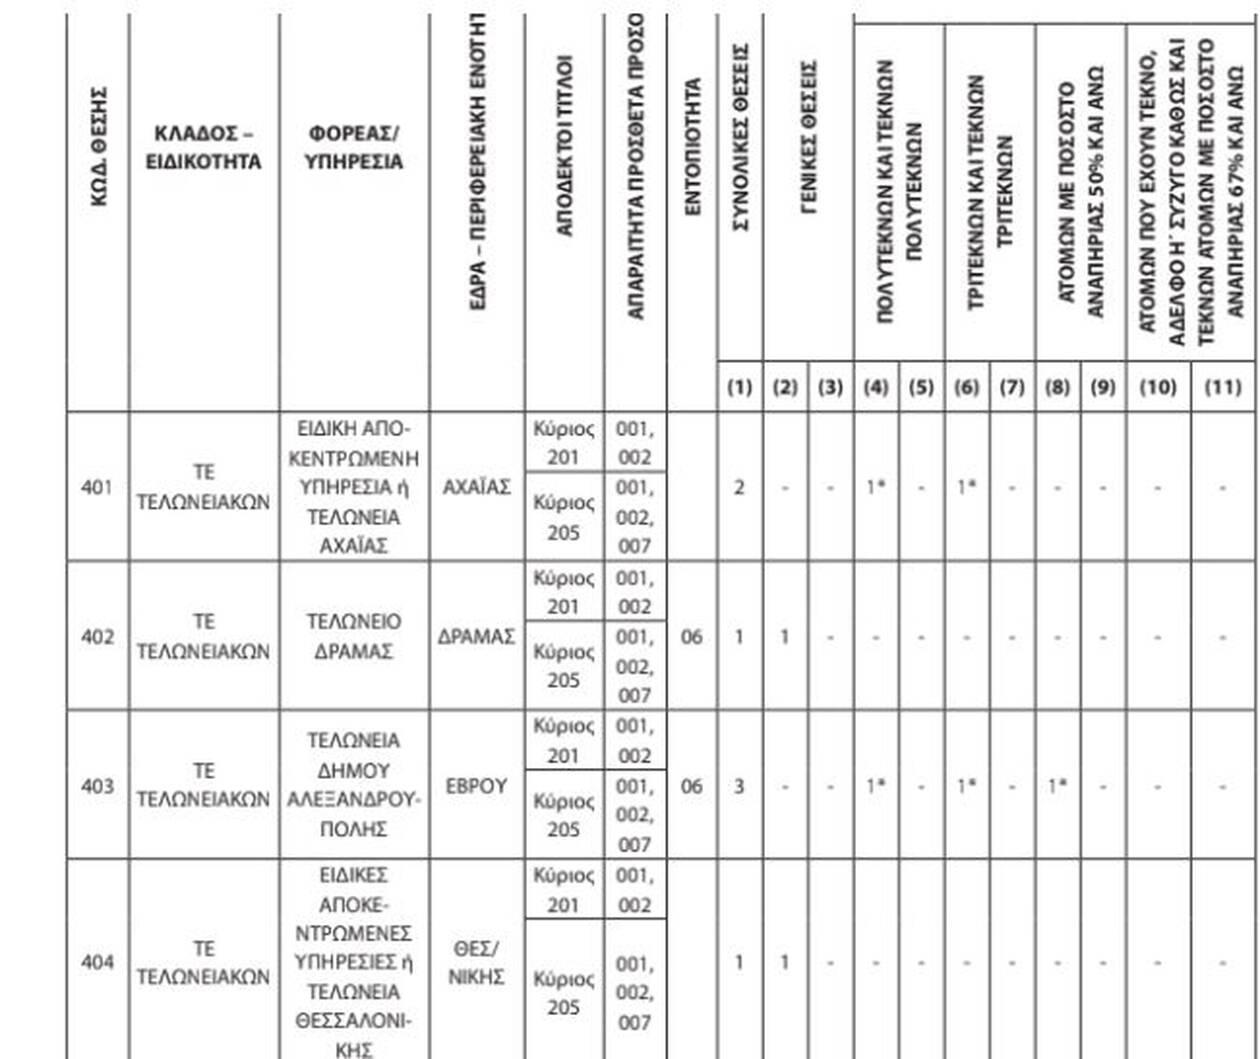 ΑΑΔΕ Μέχρι 5 Νοεμβρίου οι αιτήσεις για θέσεις τελωνειακών